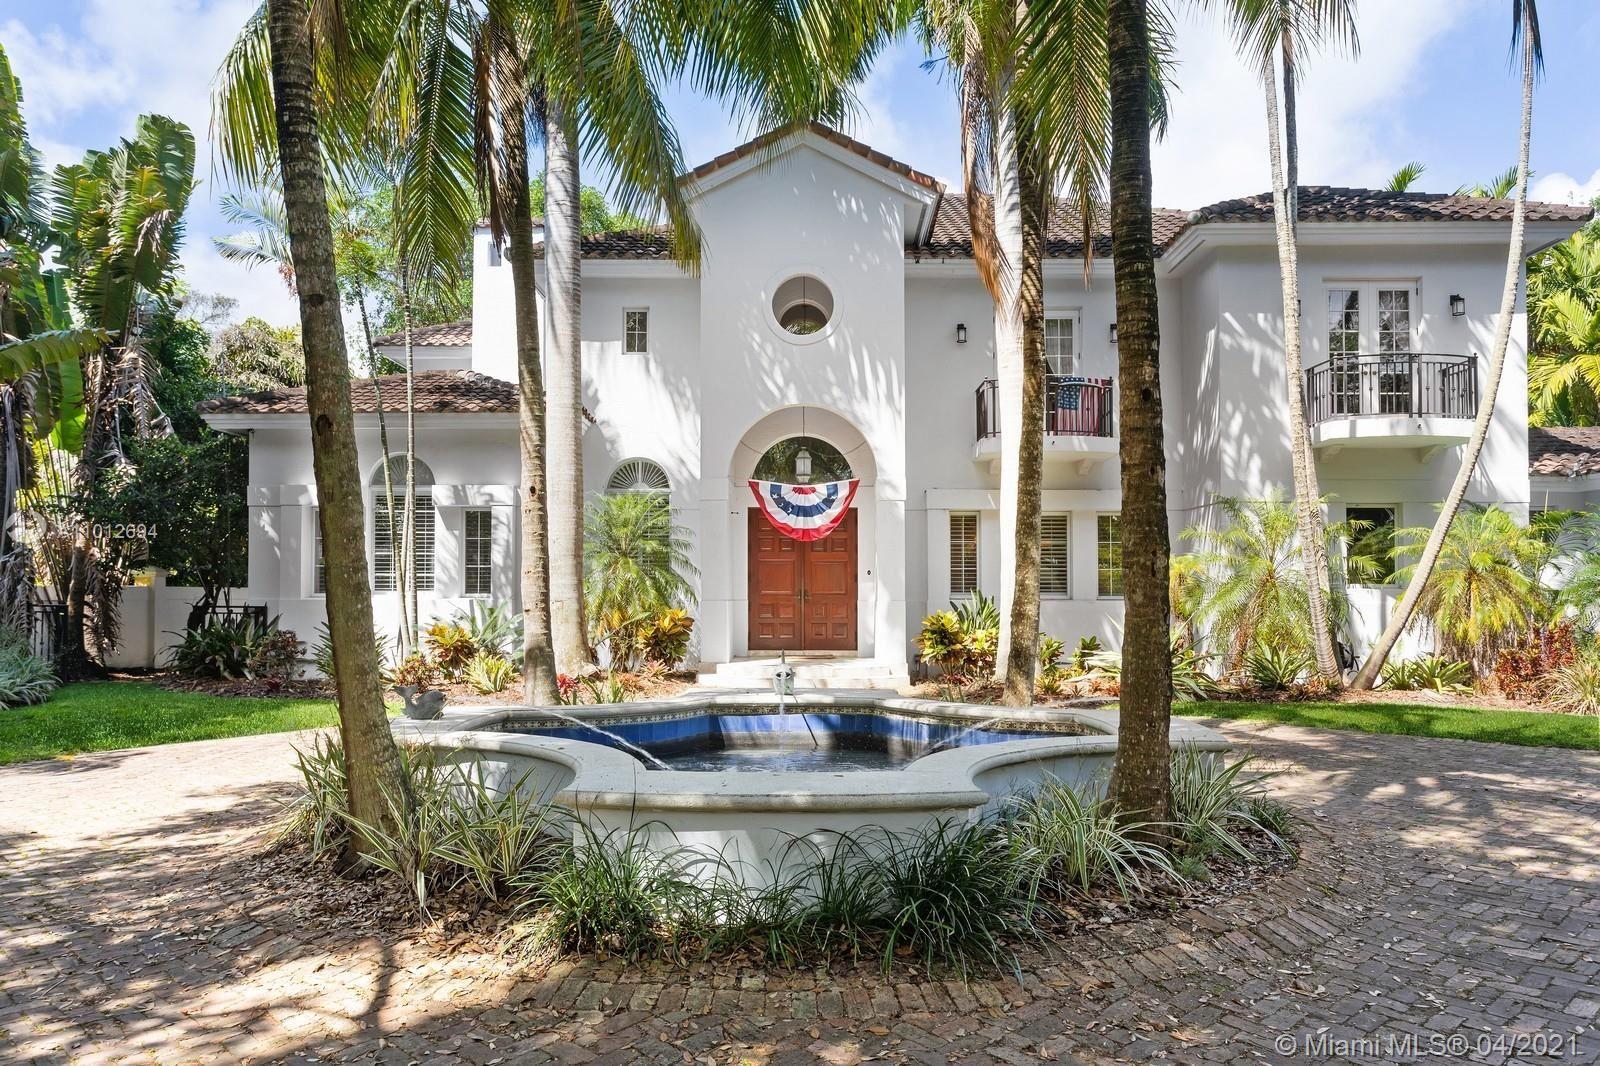 8510 SW 53rd Ave, Miami, FL 33143 - #: A11012694